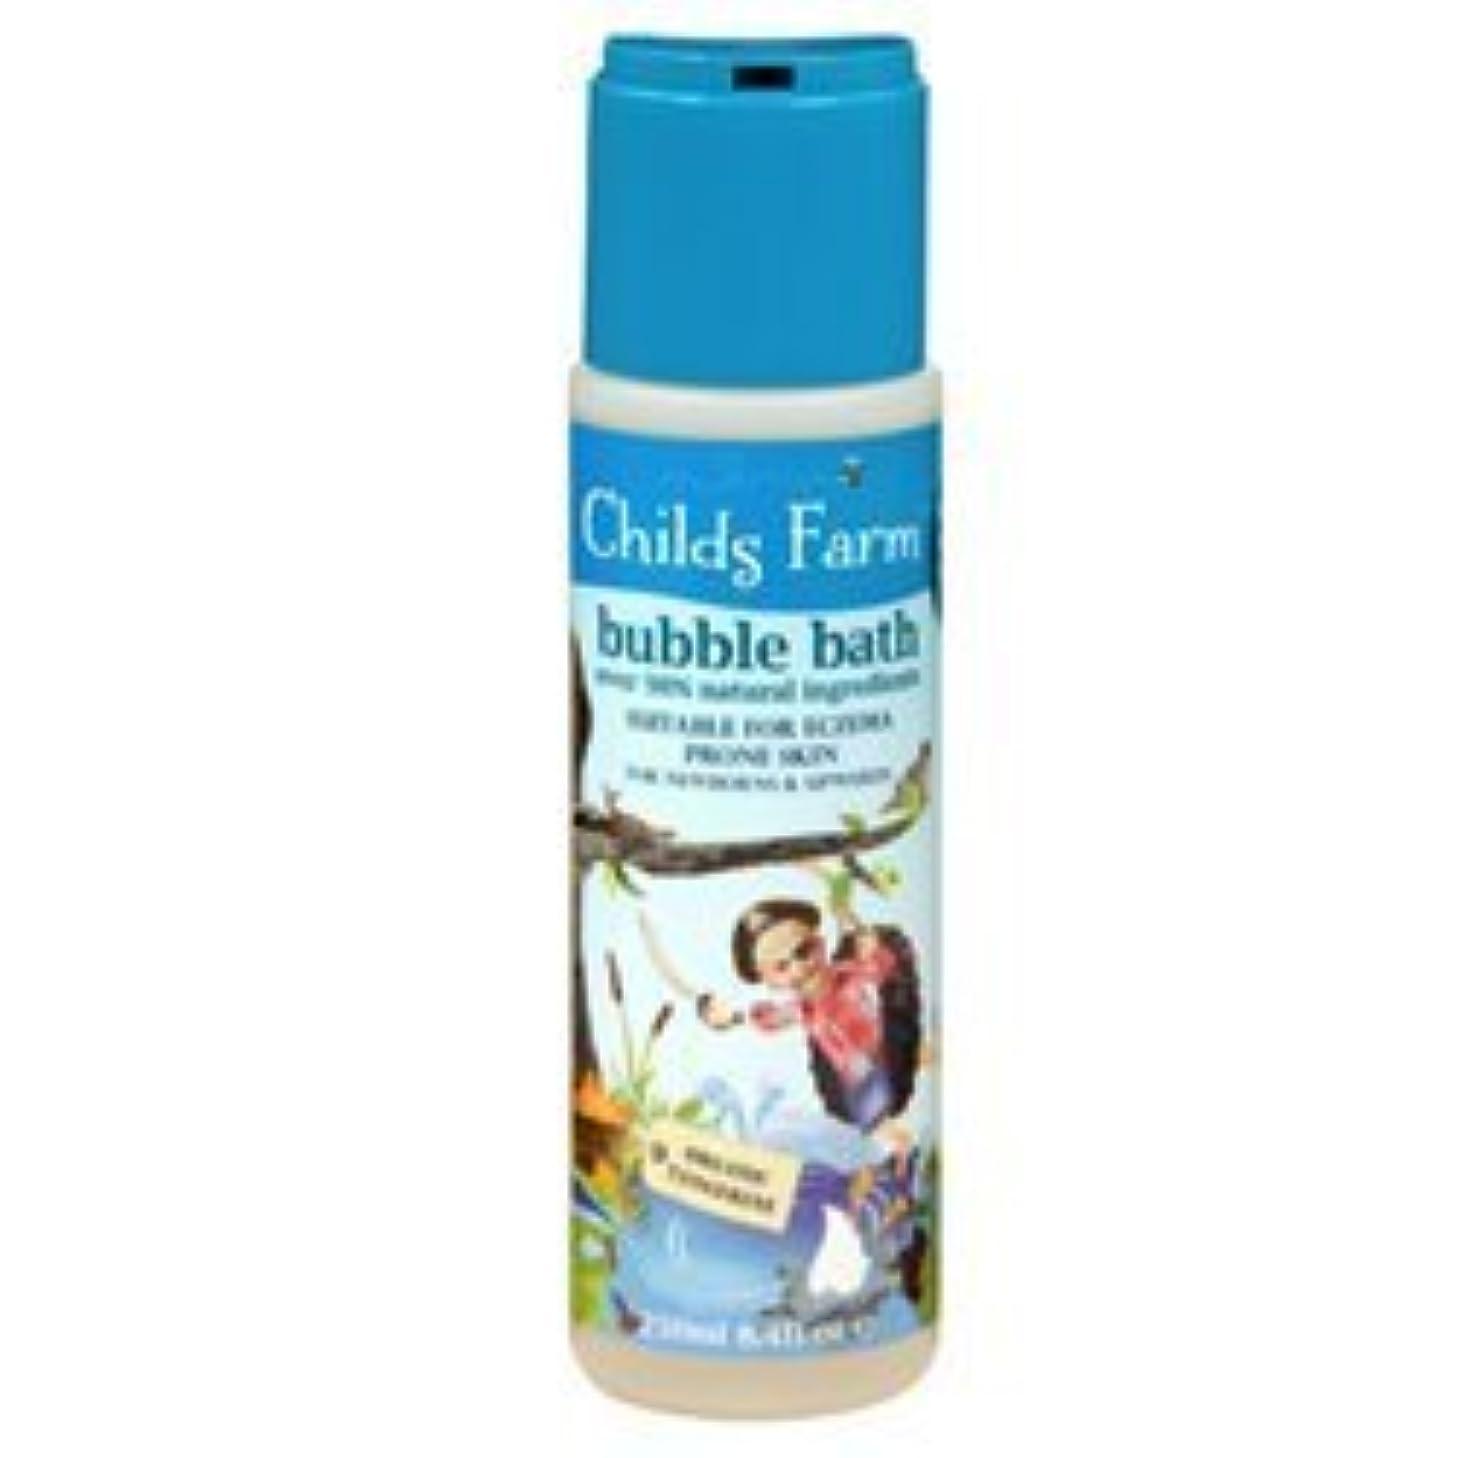 分割シールオークChilds Farm Bubble bath for Buccaneers 250ml x 1 by Childs Farm [並行輸入品]